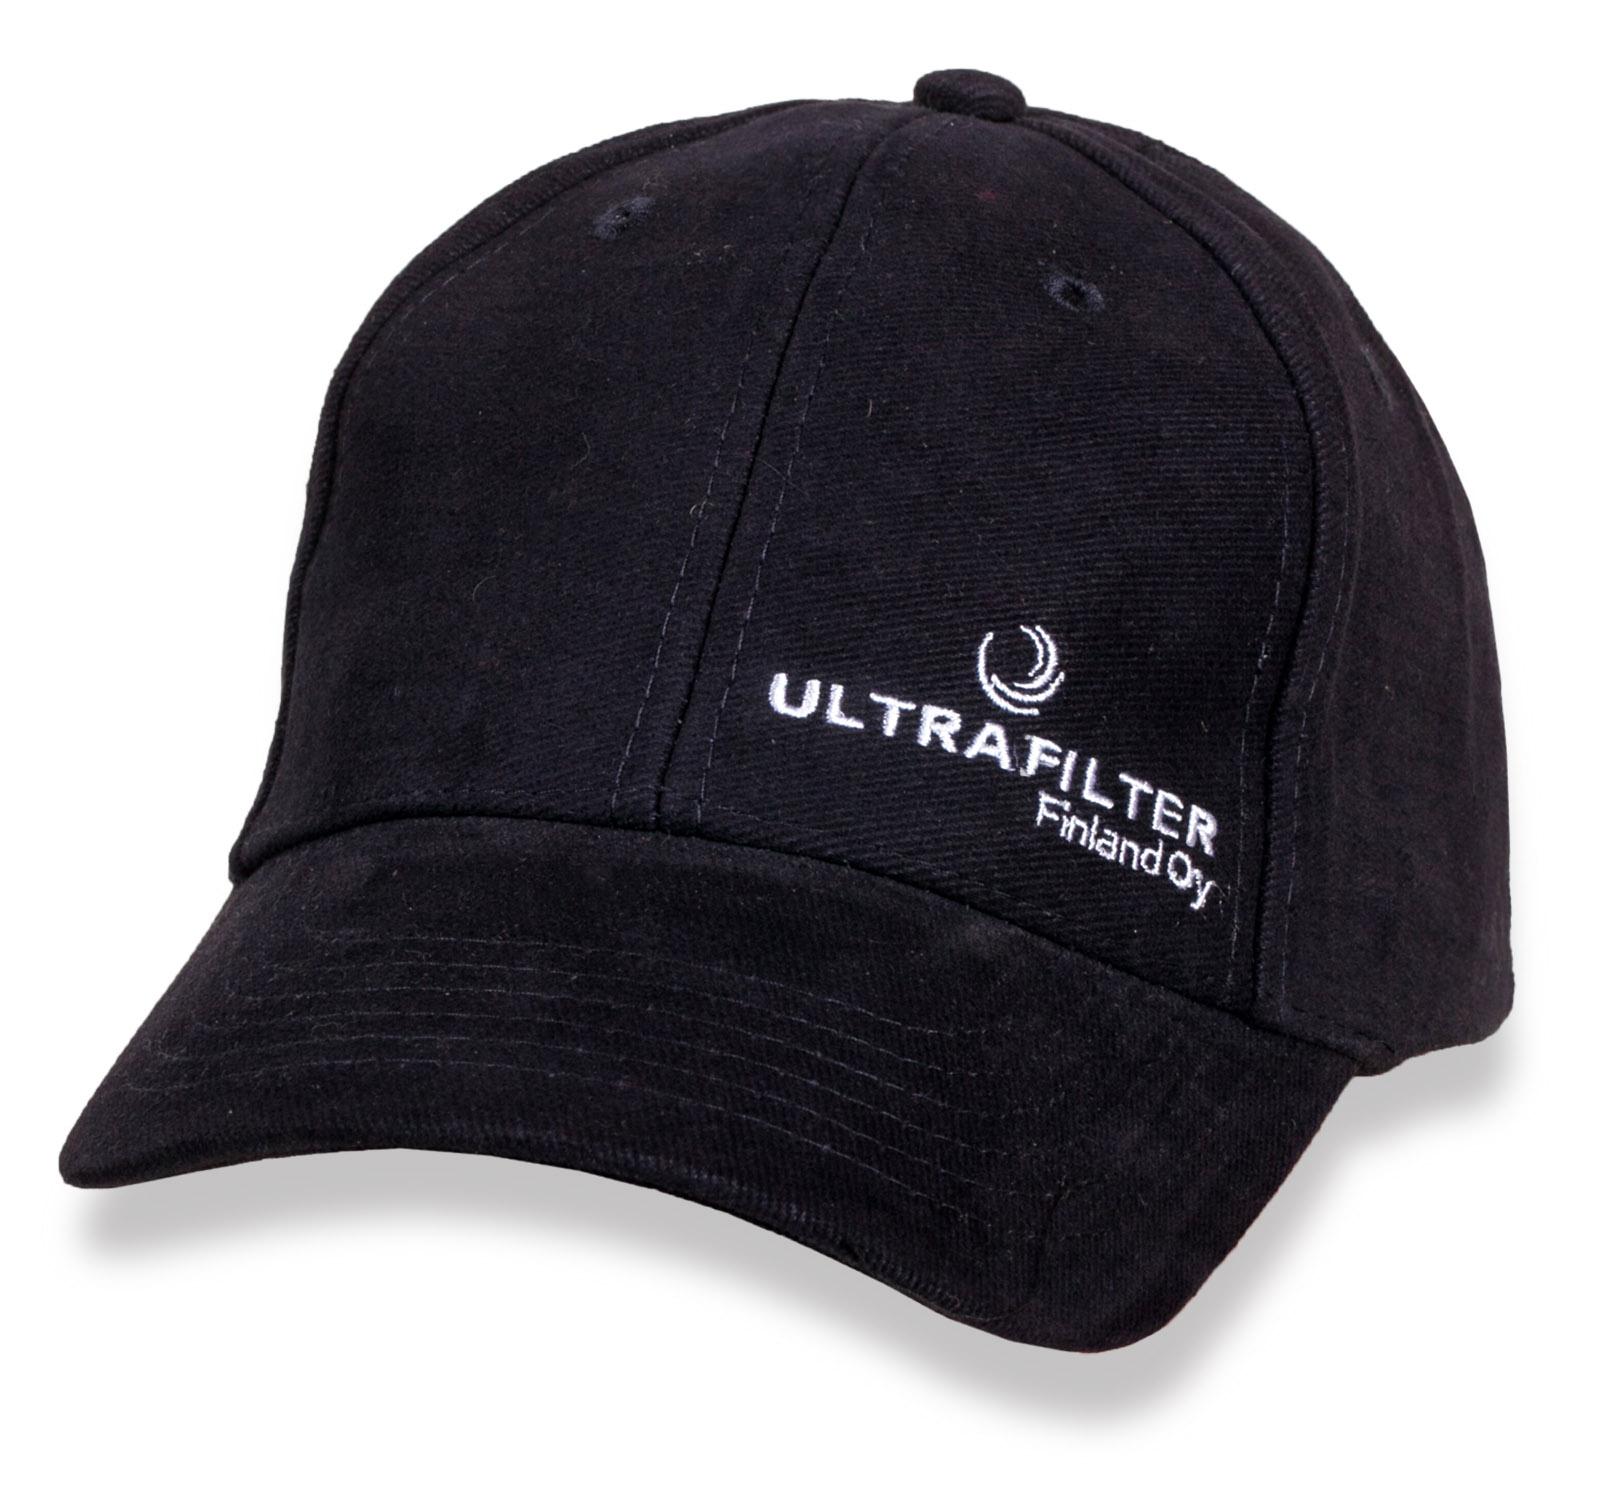 Классическая строгая бейсболка Ultrafilter